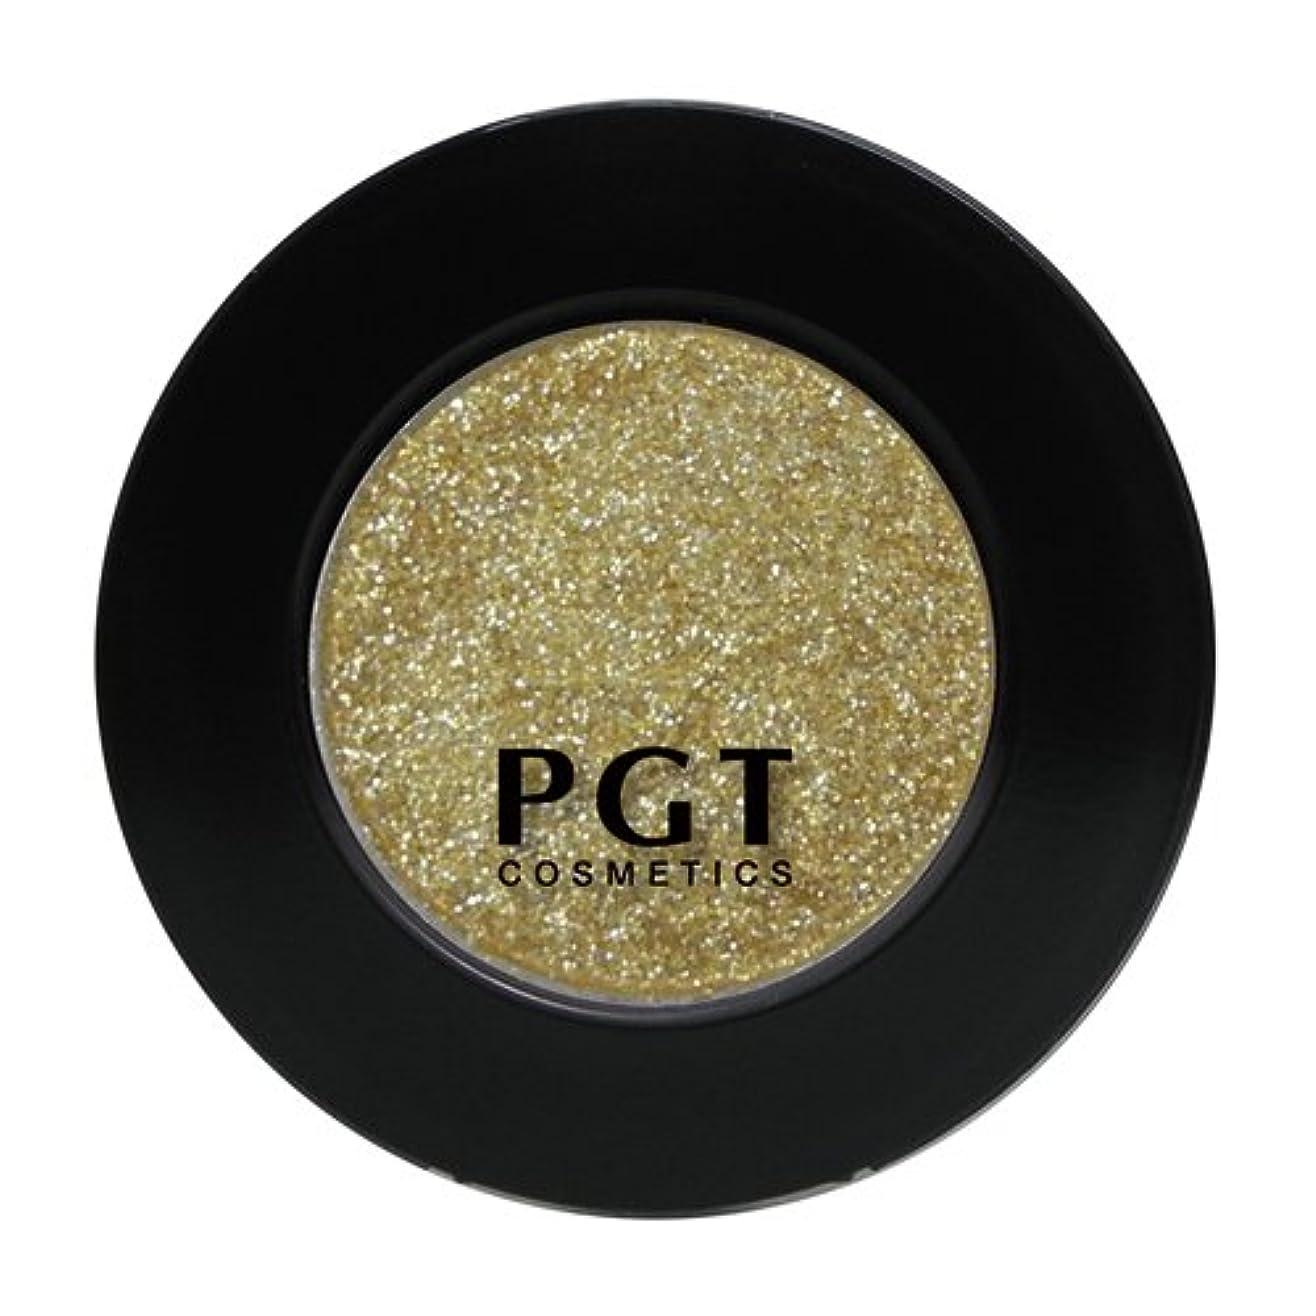 自己のぞき見過度にパルガントン スパークリングアイシャドウSE115 ゴールド